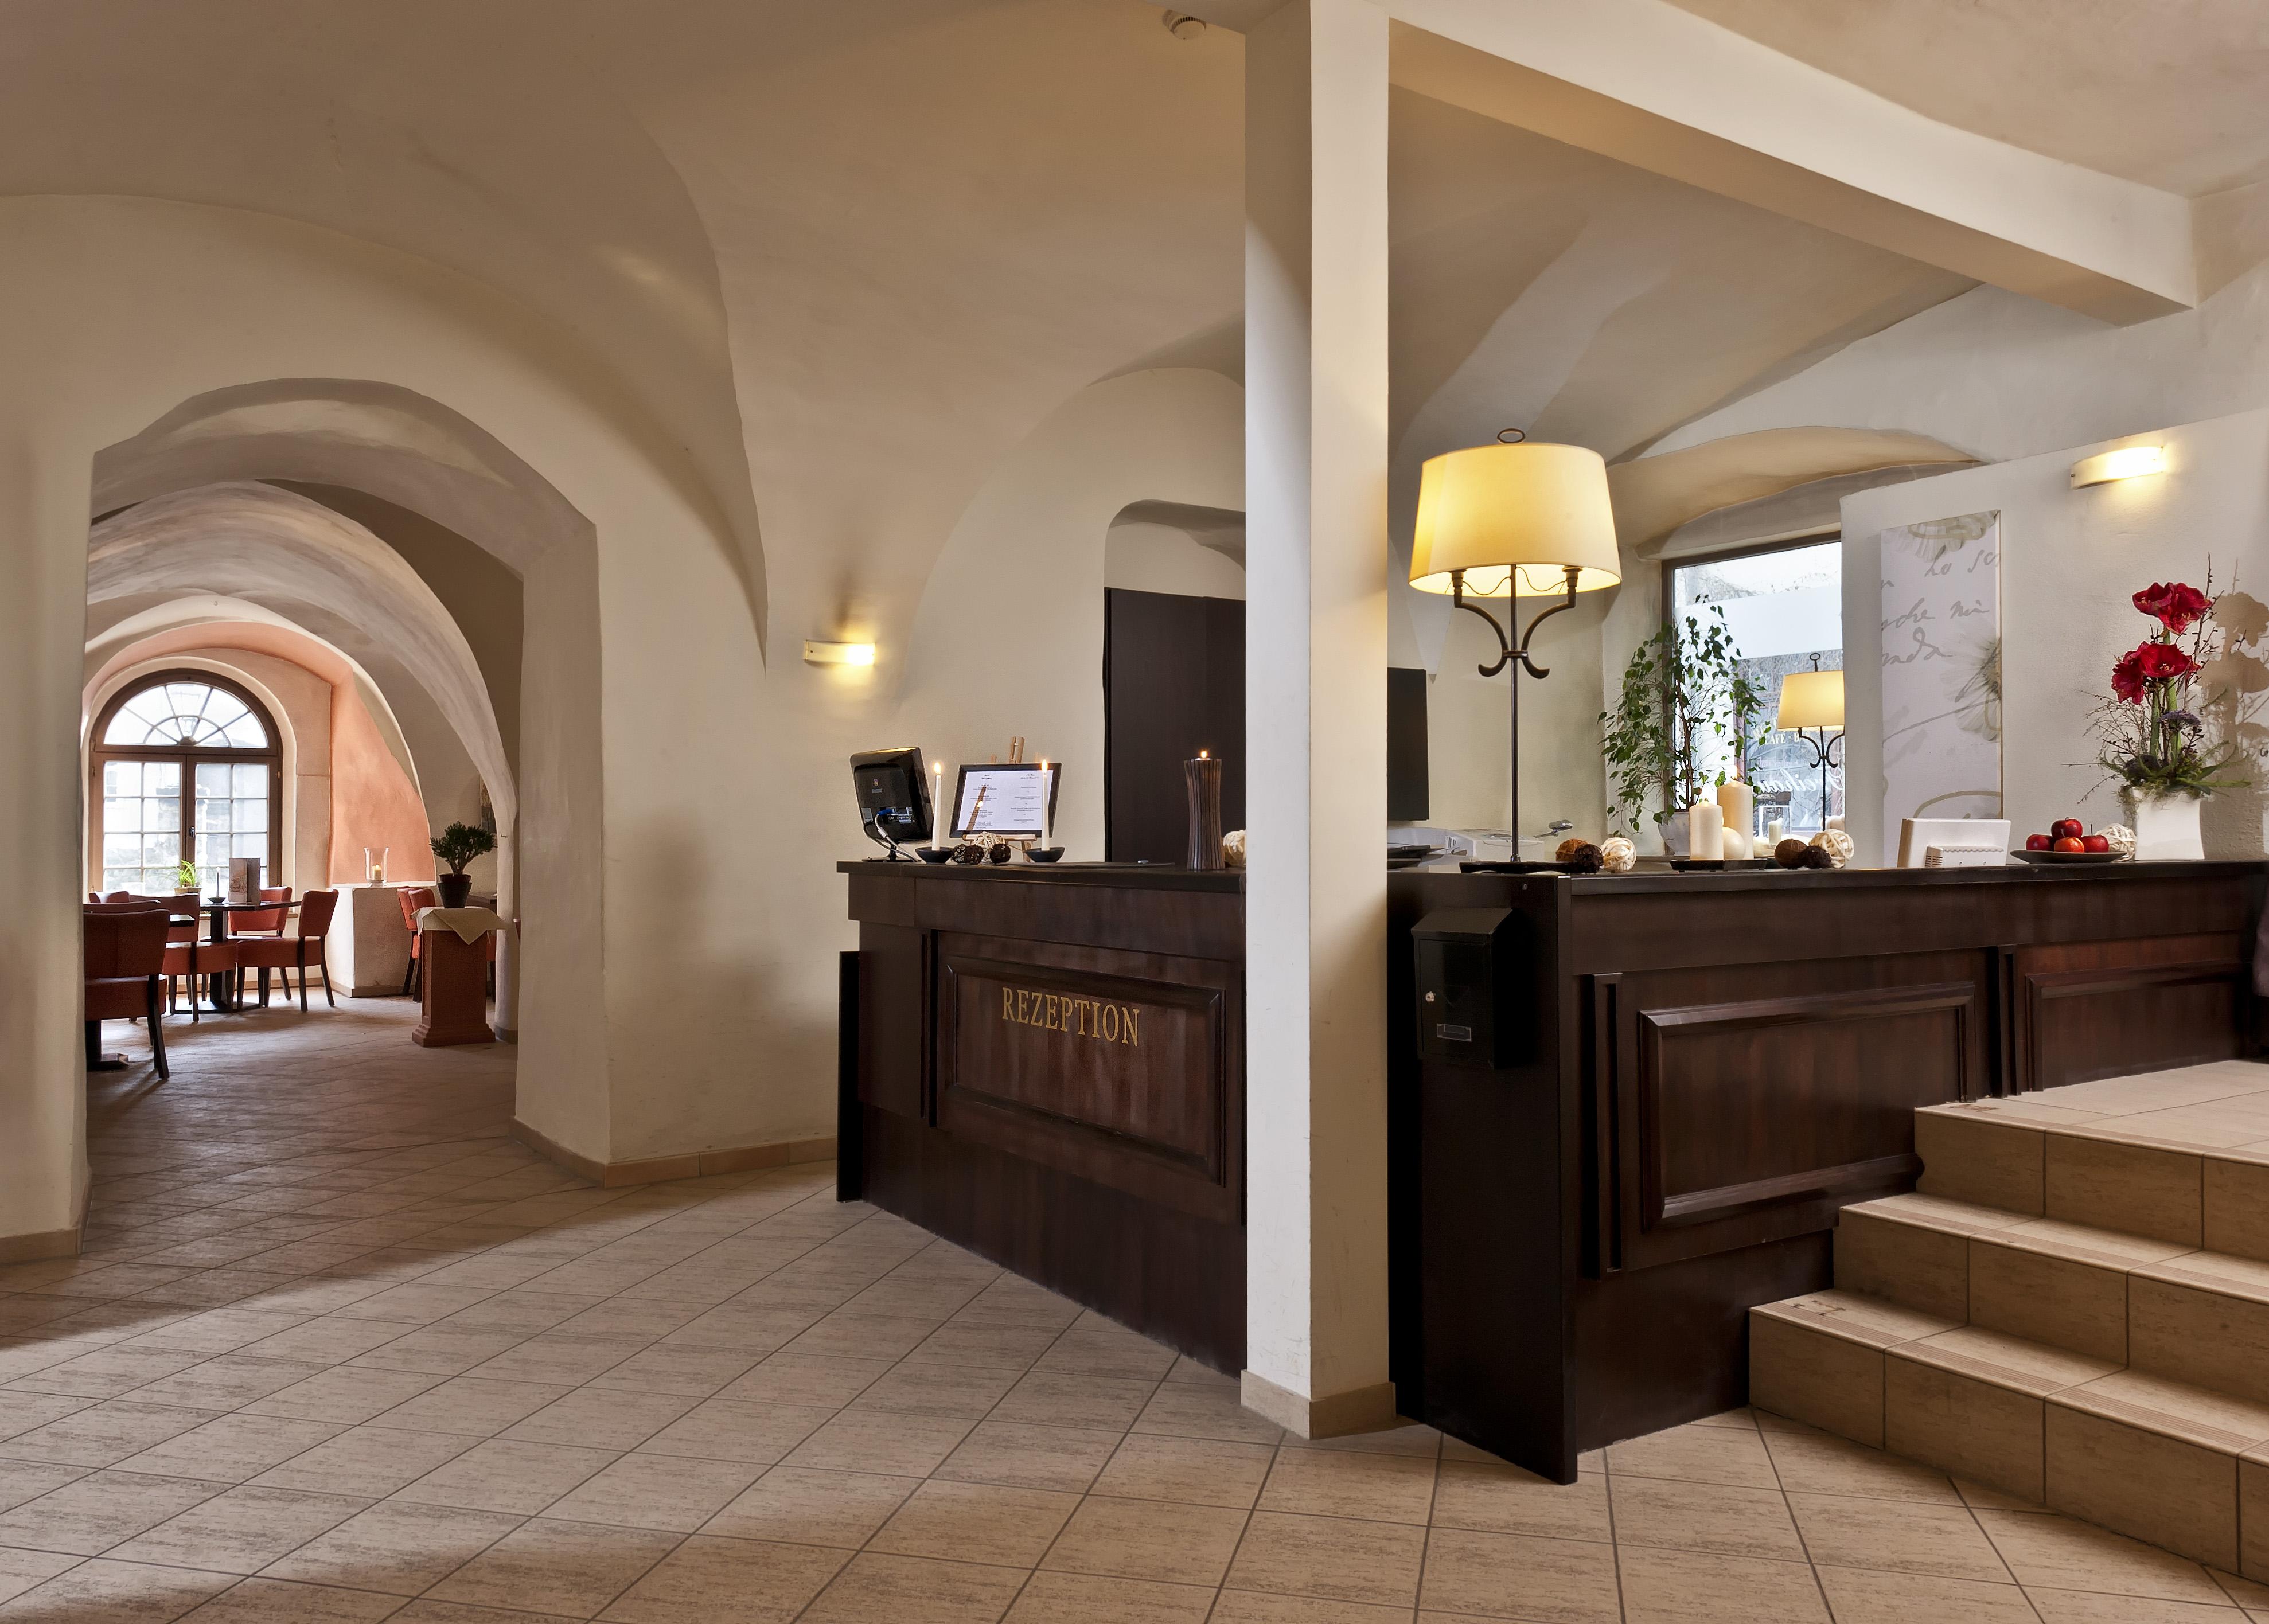 Hotel Deals Quedlinburg Harz Mountains - Wyndham Garden Hotel ...